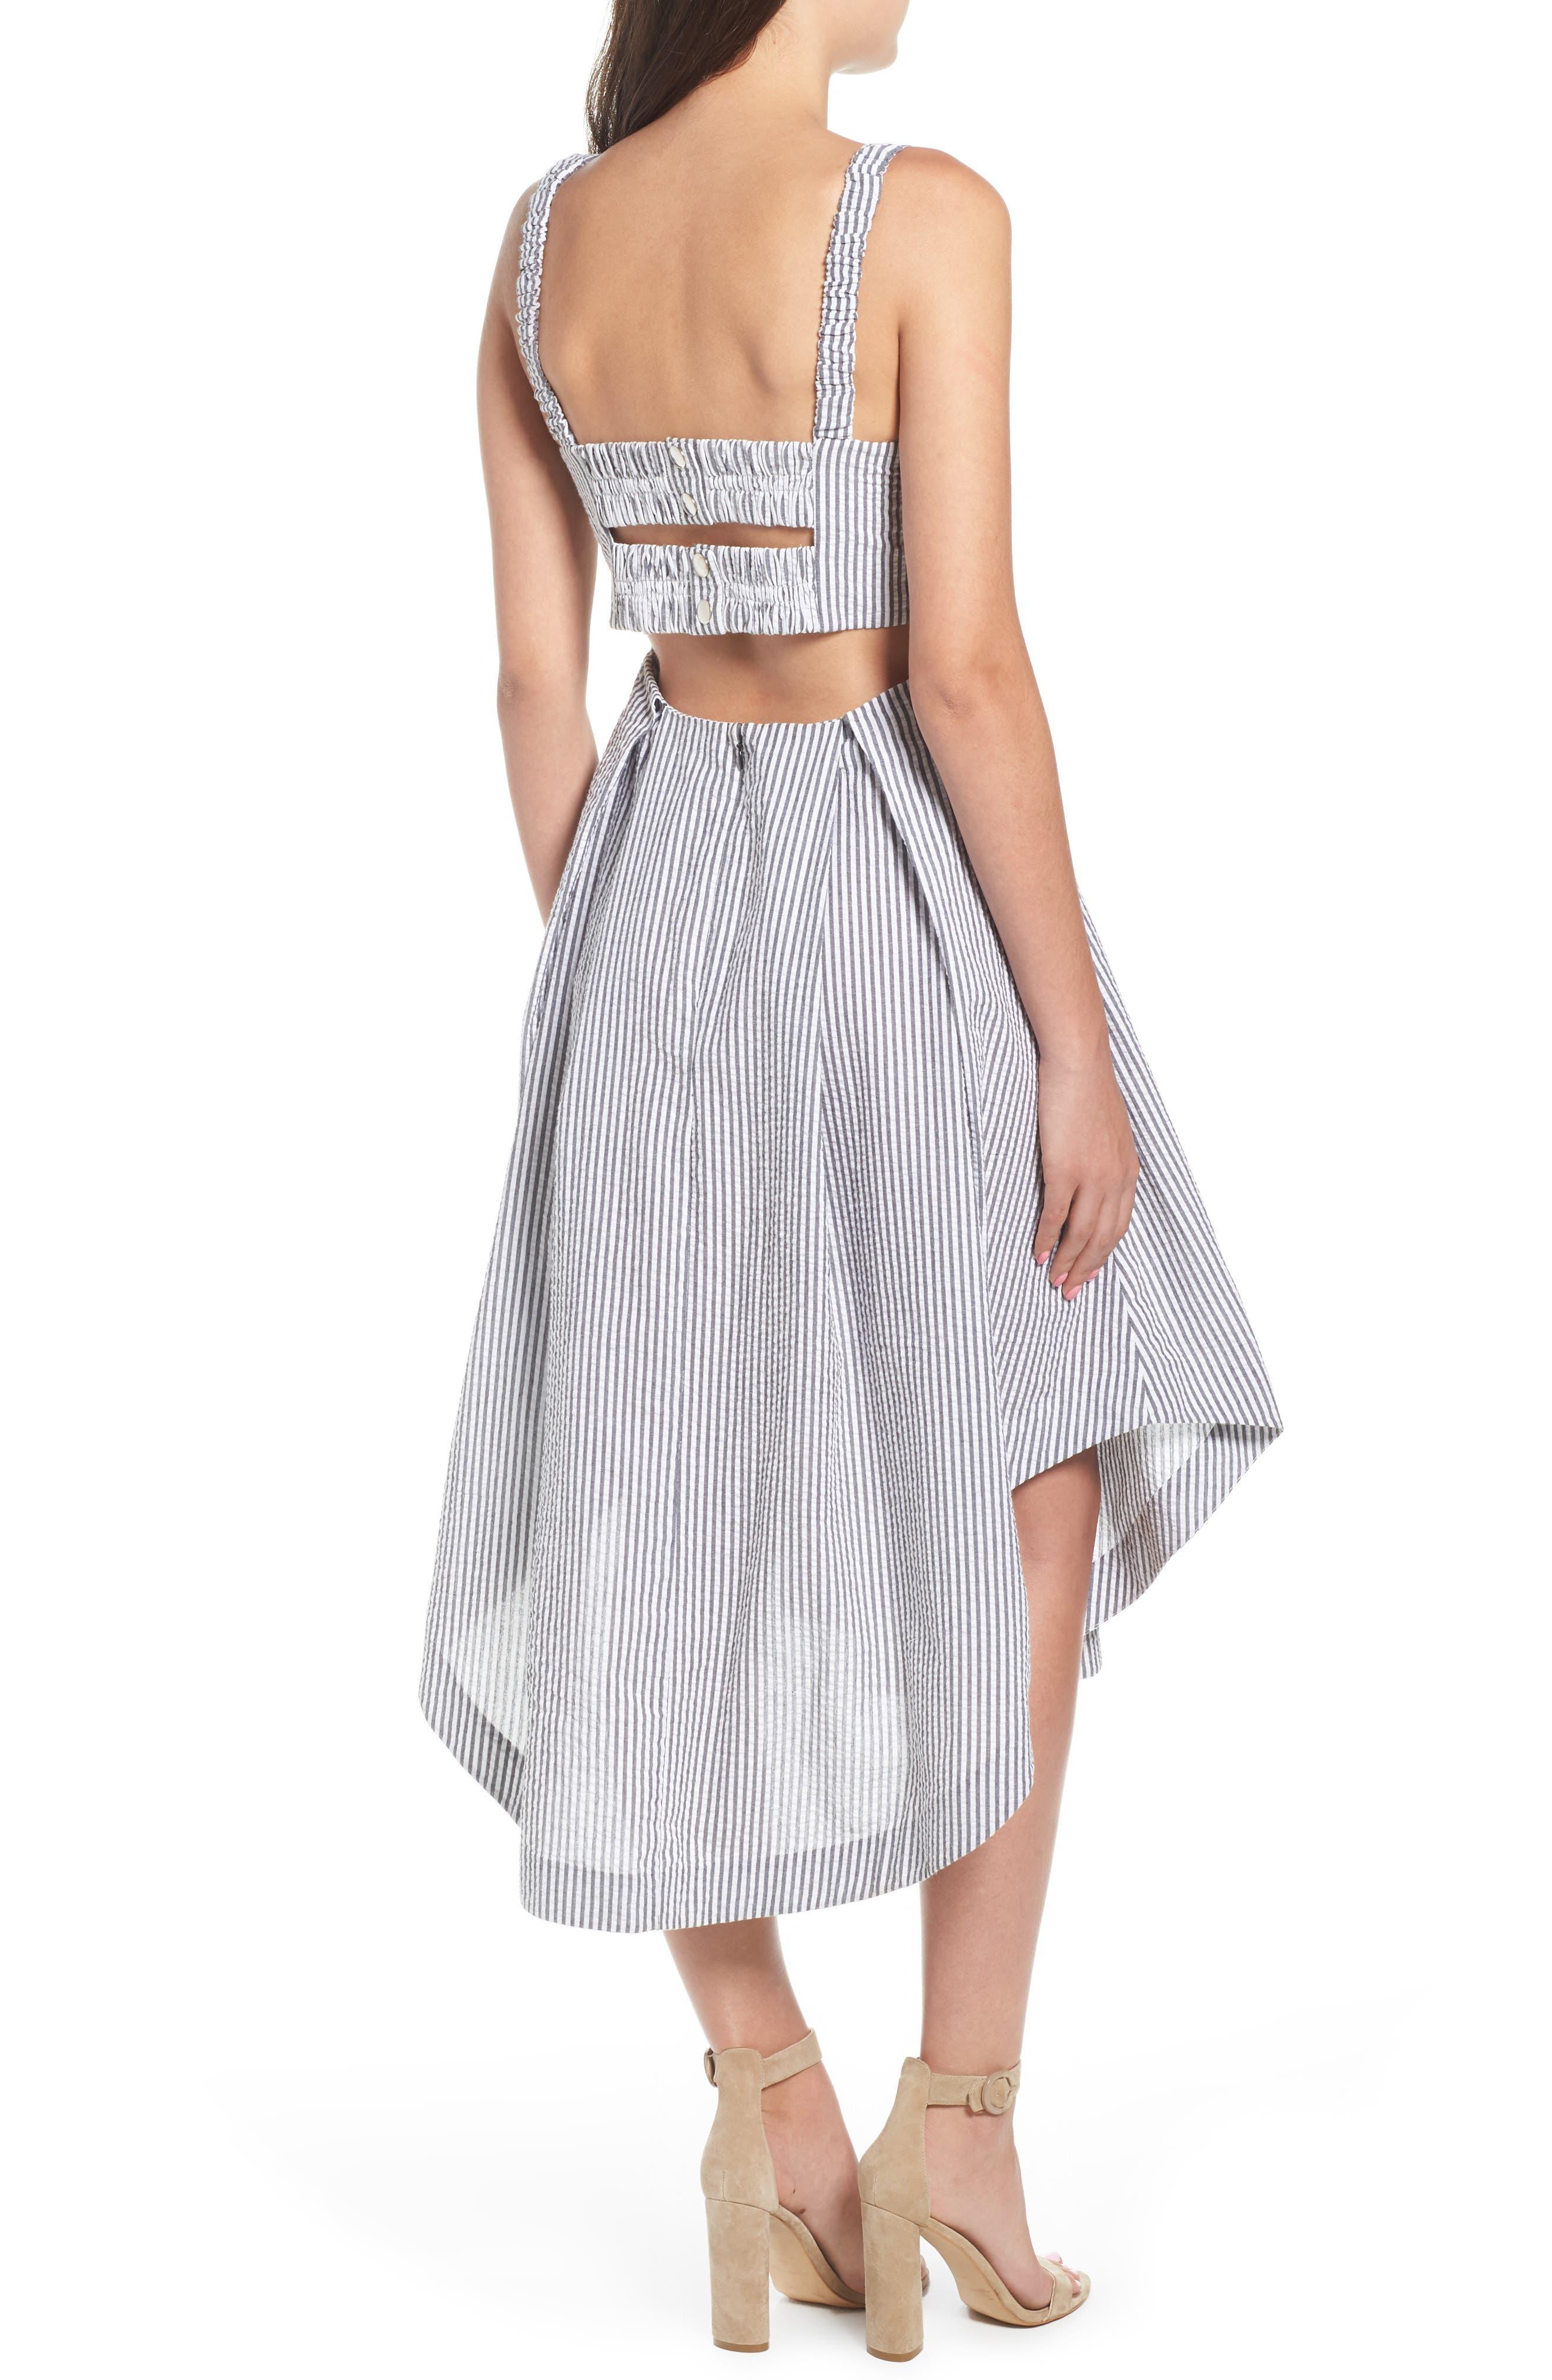 Seersucker Bustier Midi Dress,                             Alternate thumbnail 2, color,                             Black/ White Multi